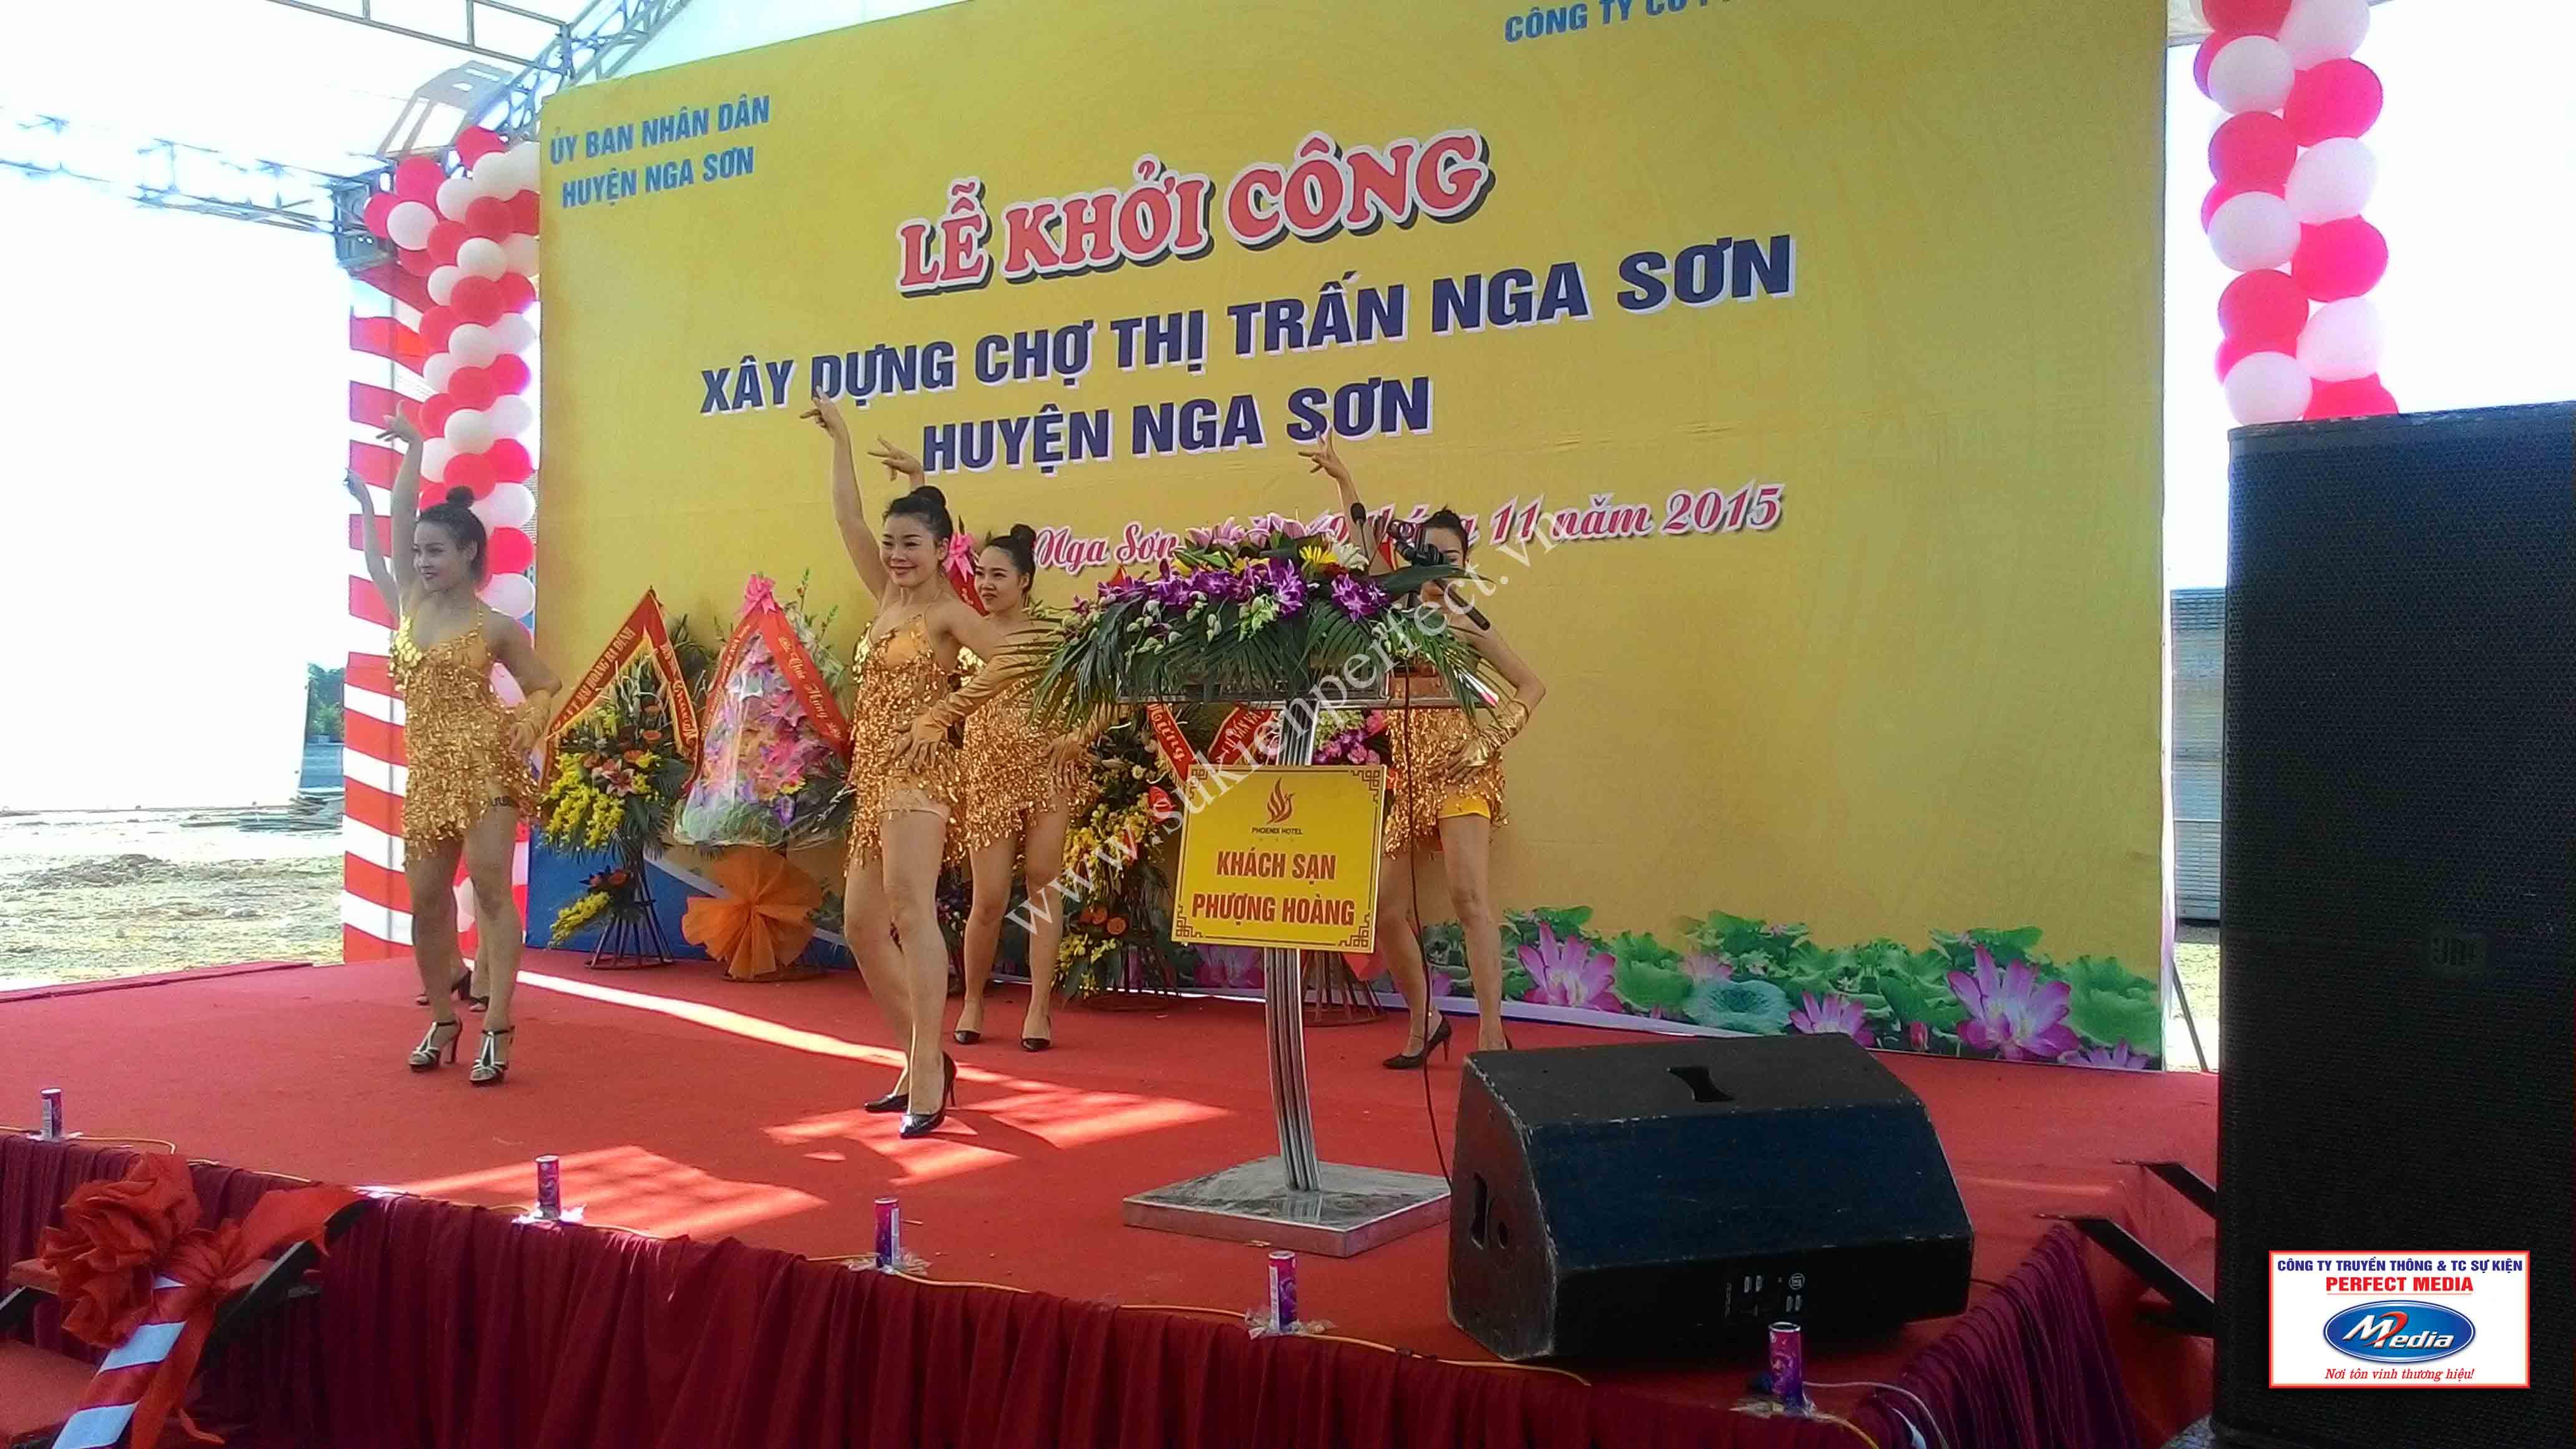 Hình ảnh trong lễ khởi công xây dựng chợ thị trấn huyện Nga Sơn 17